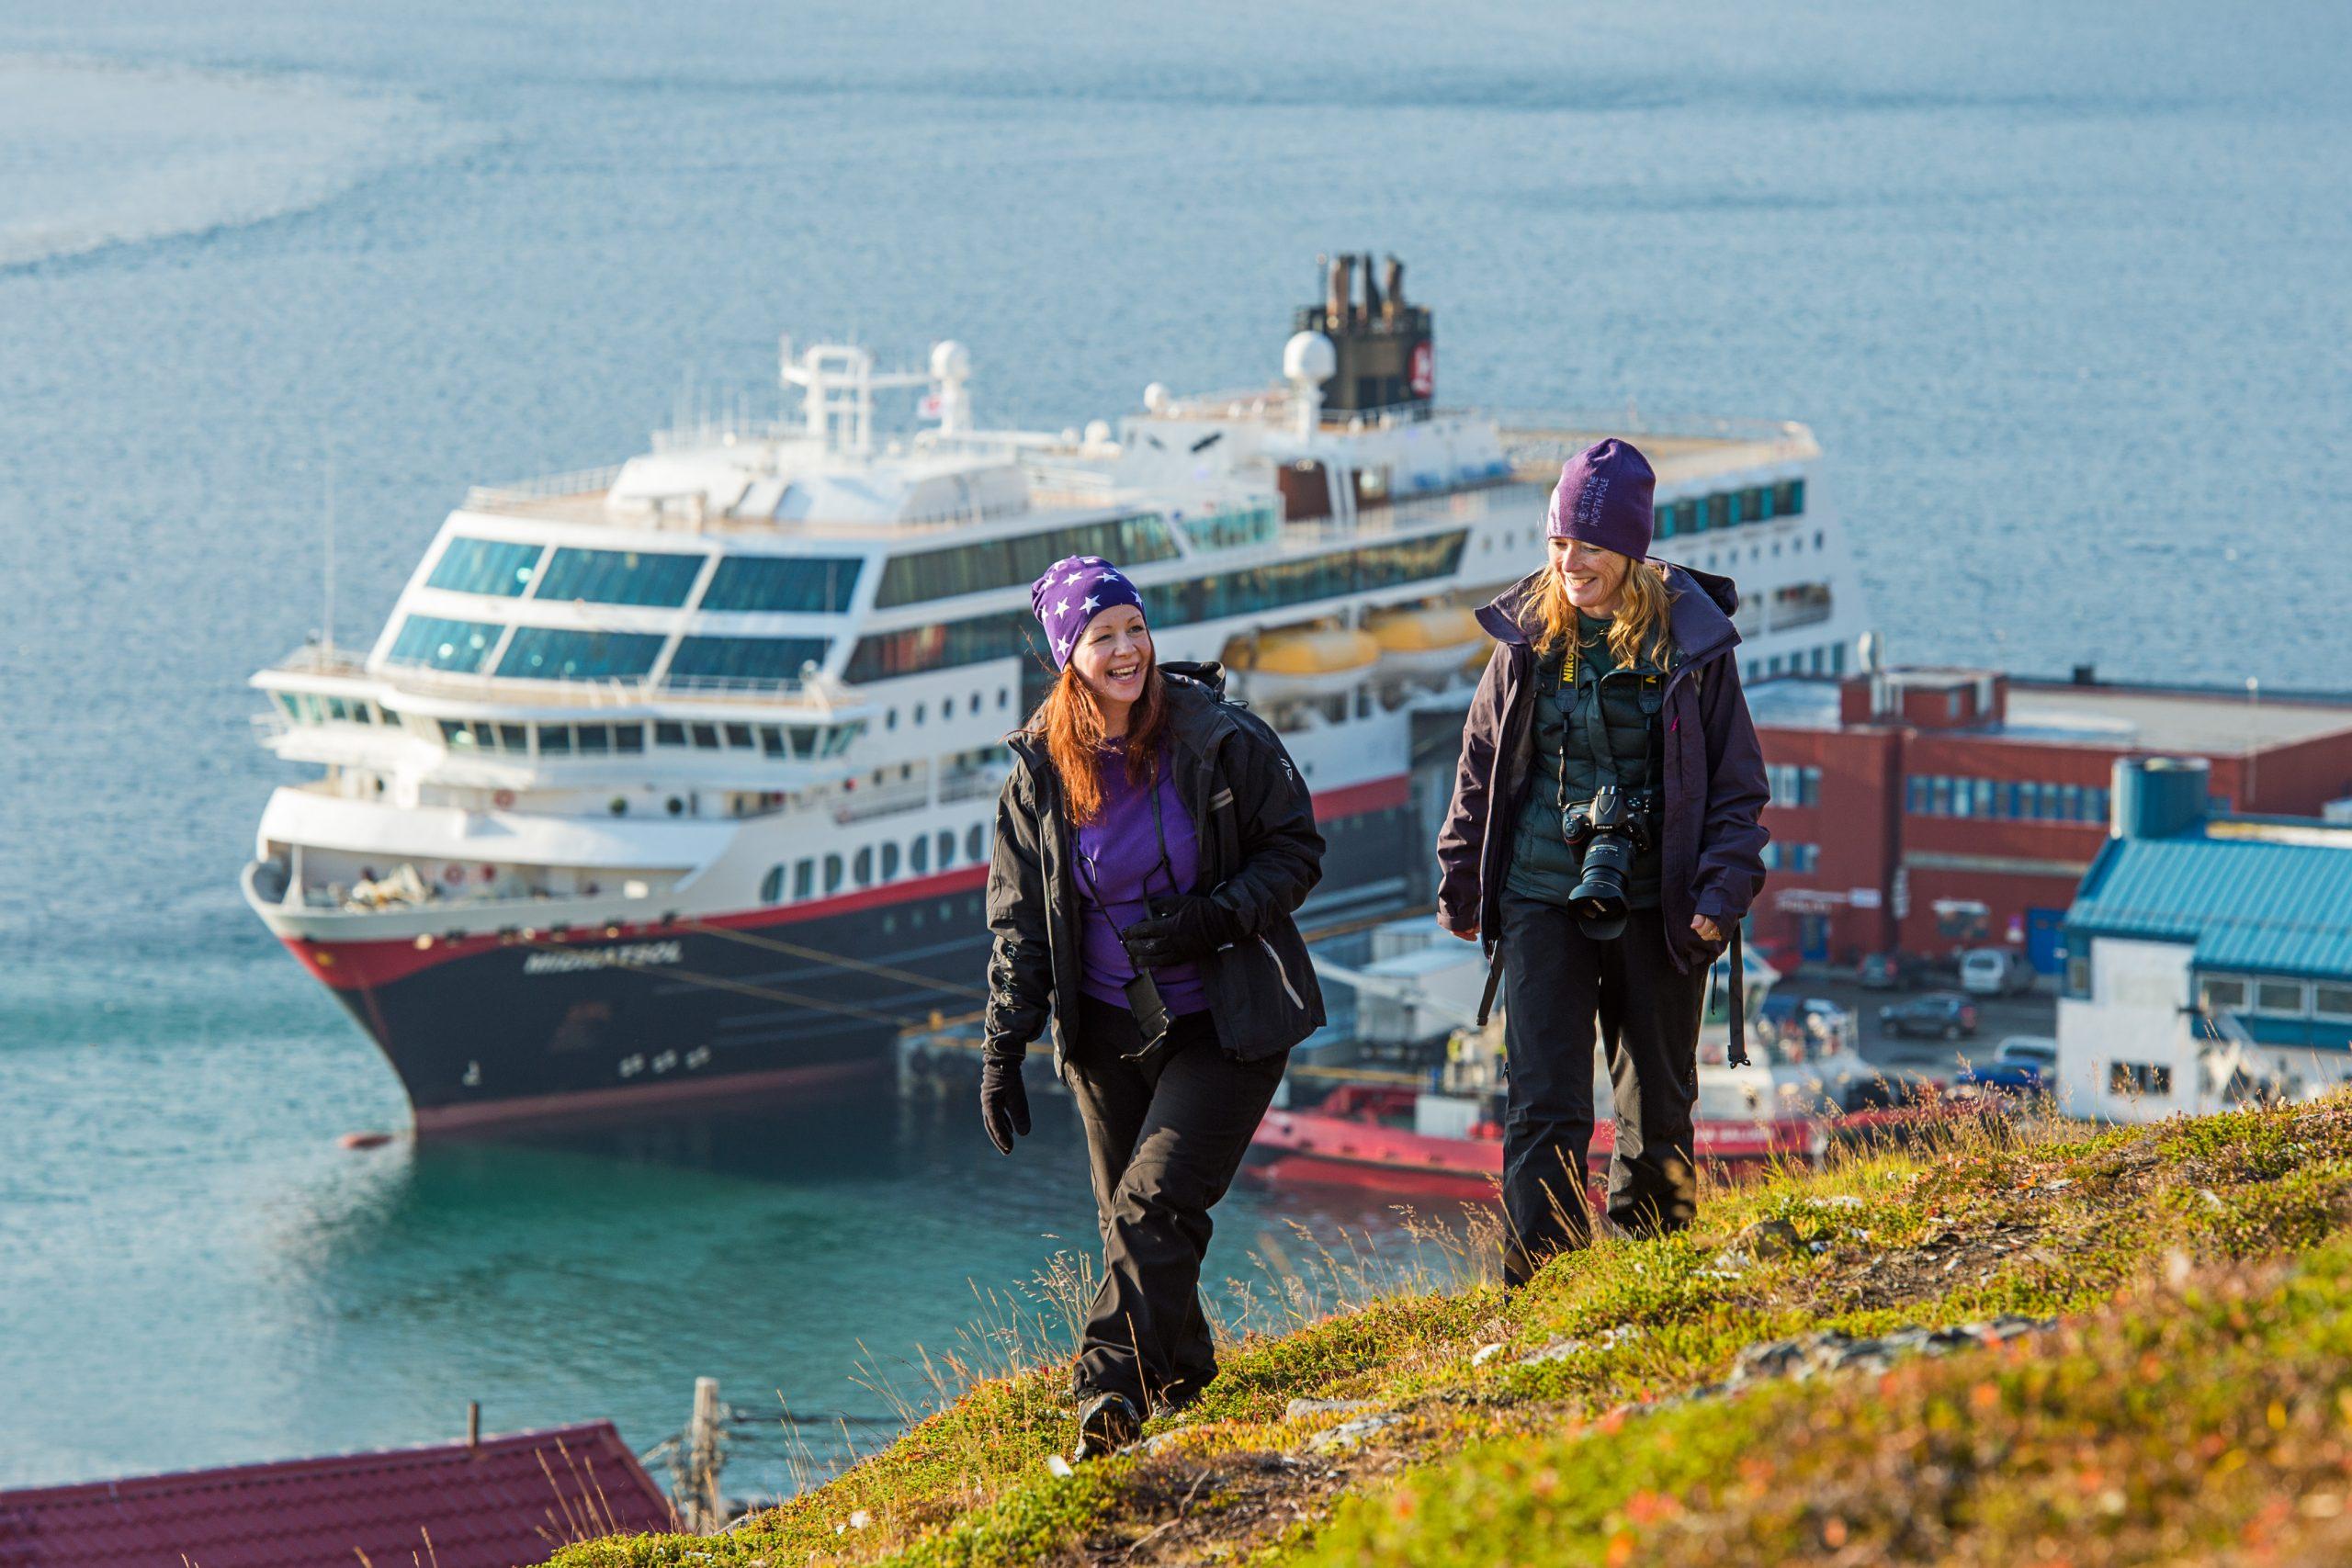 MS Finnmarken begyndte som første skib fra Hurtigruten at sejle igen den 16. juni efter nedlukningen som følge af coronakrisen, men foreløbig med nedsat passagerkapacitet. Pressefoto for Hurtigruten: Ørjan Bertelsen.